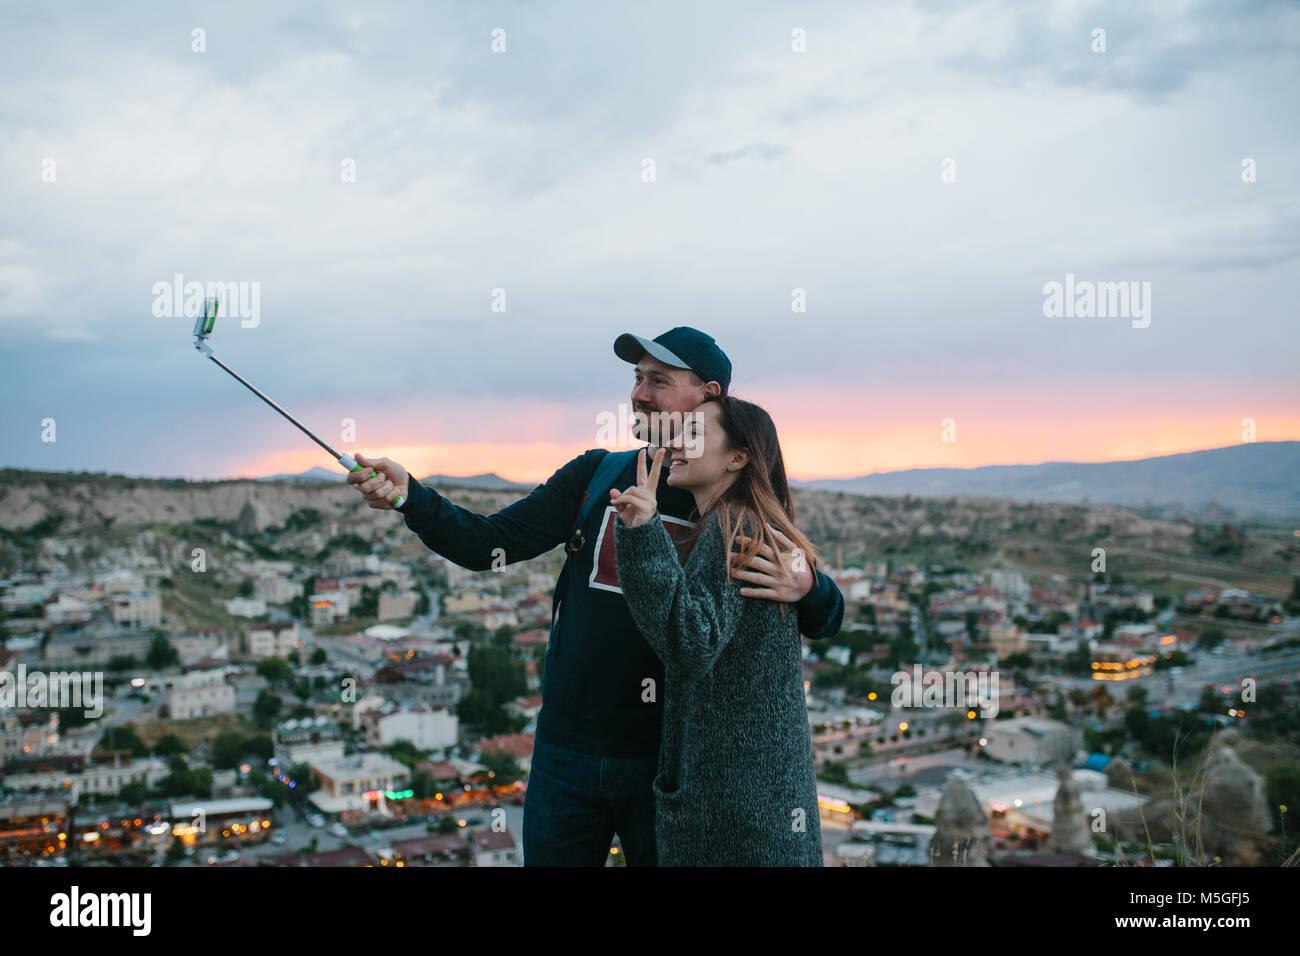 Un beau couple au coucher du soleil selfies sur fond de la ville de Göreme, en Cappadoce en Turquie. Photo Stock